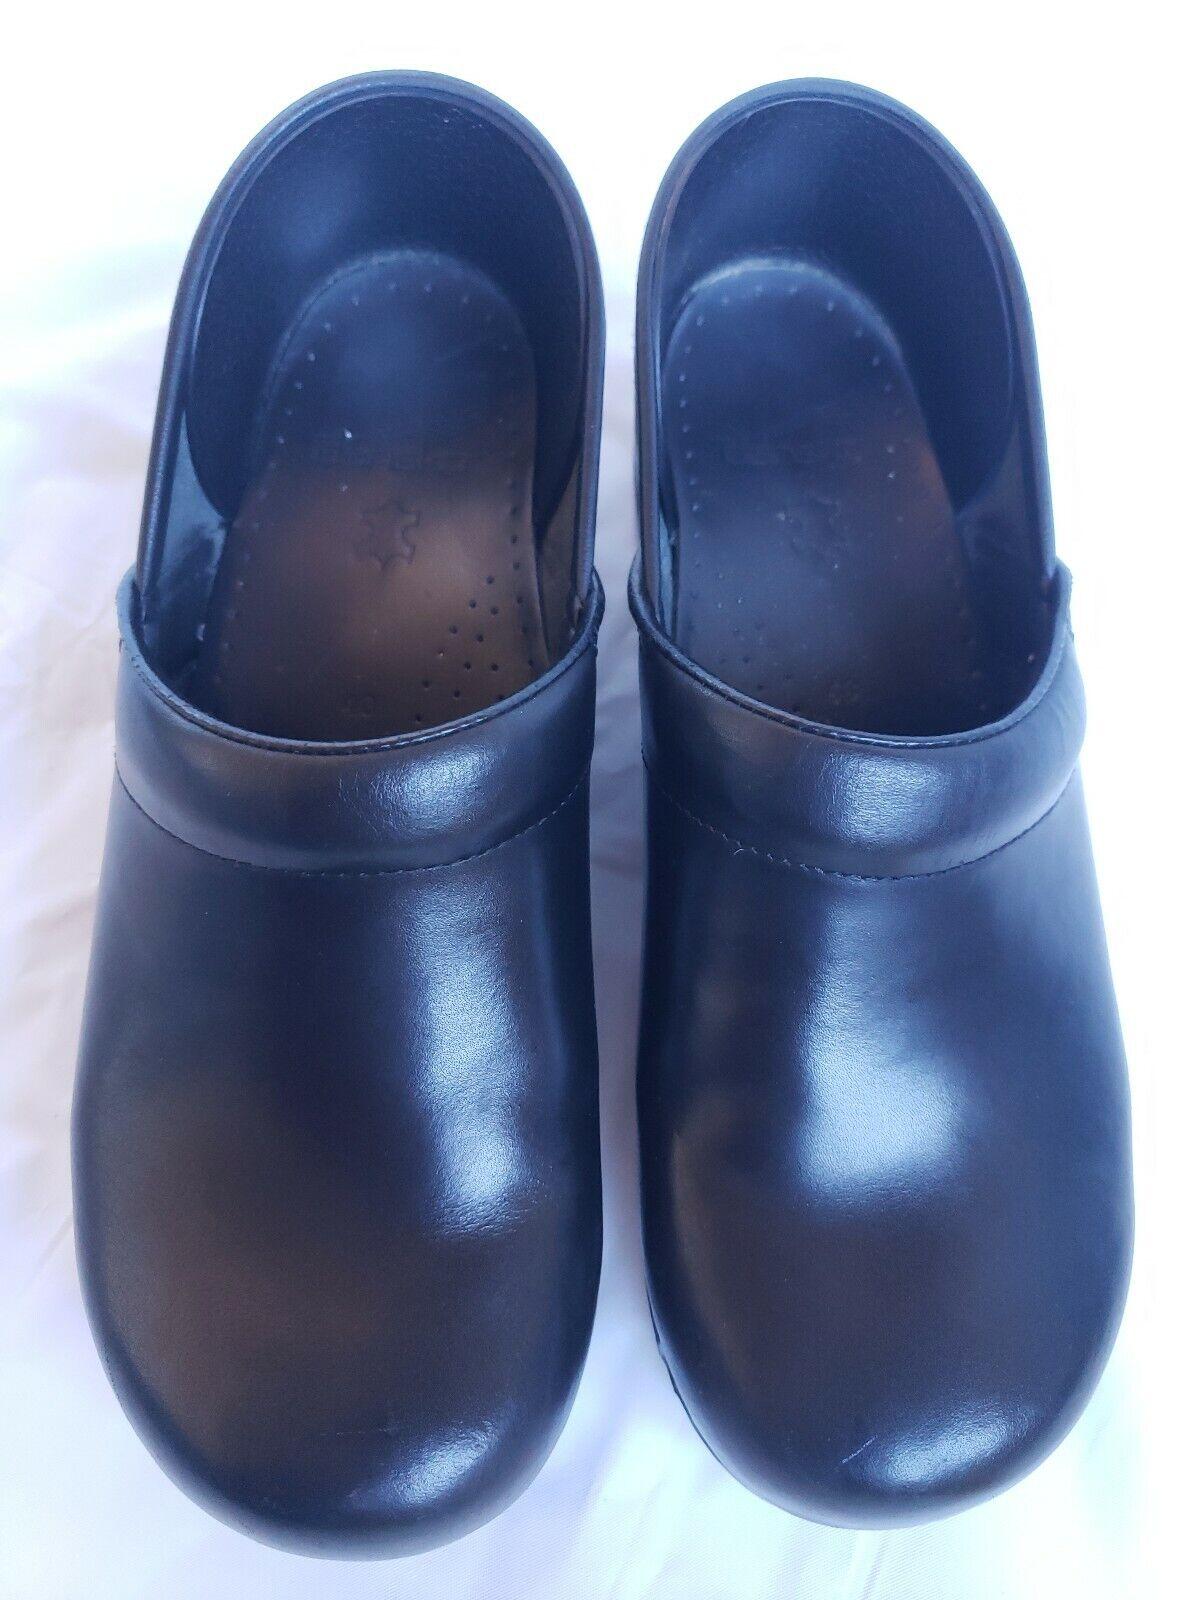 DANSKO Donne Professional Nursing Clog Dimensione 40  US 9.5  -10 Scarpe in pelle nera  fabbrica diretta